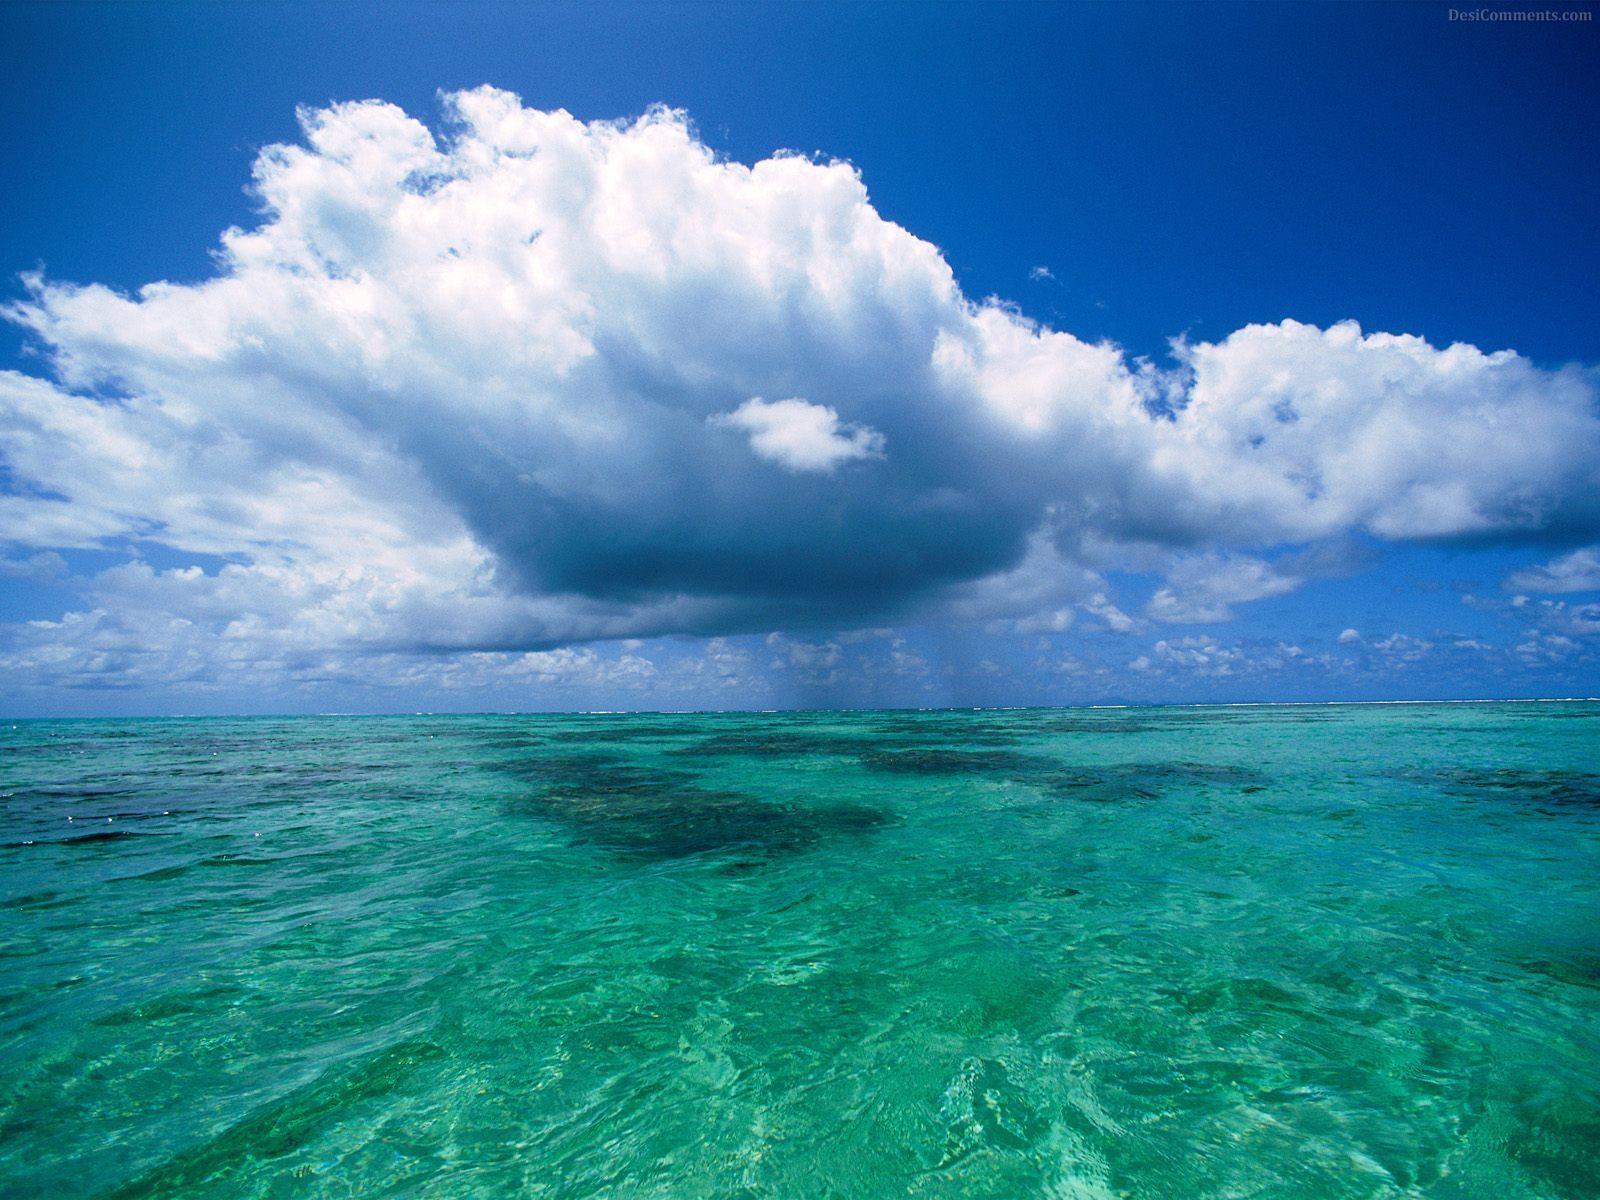 http://3.bp.blogspot.com/_ZO4oGX6ADzE/S-6h1-D7XpI/AAAAAAAABc0/kpf5vXuDS0M/s1600/sun_and_sky_39.jpg